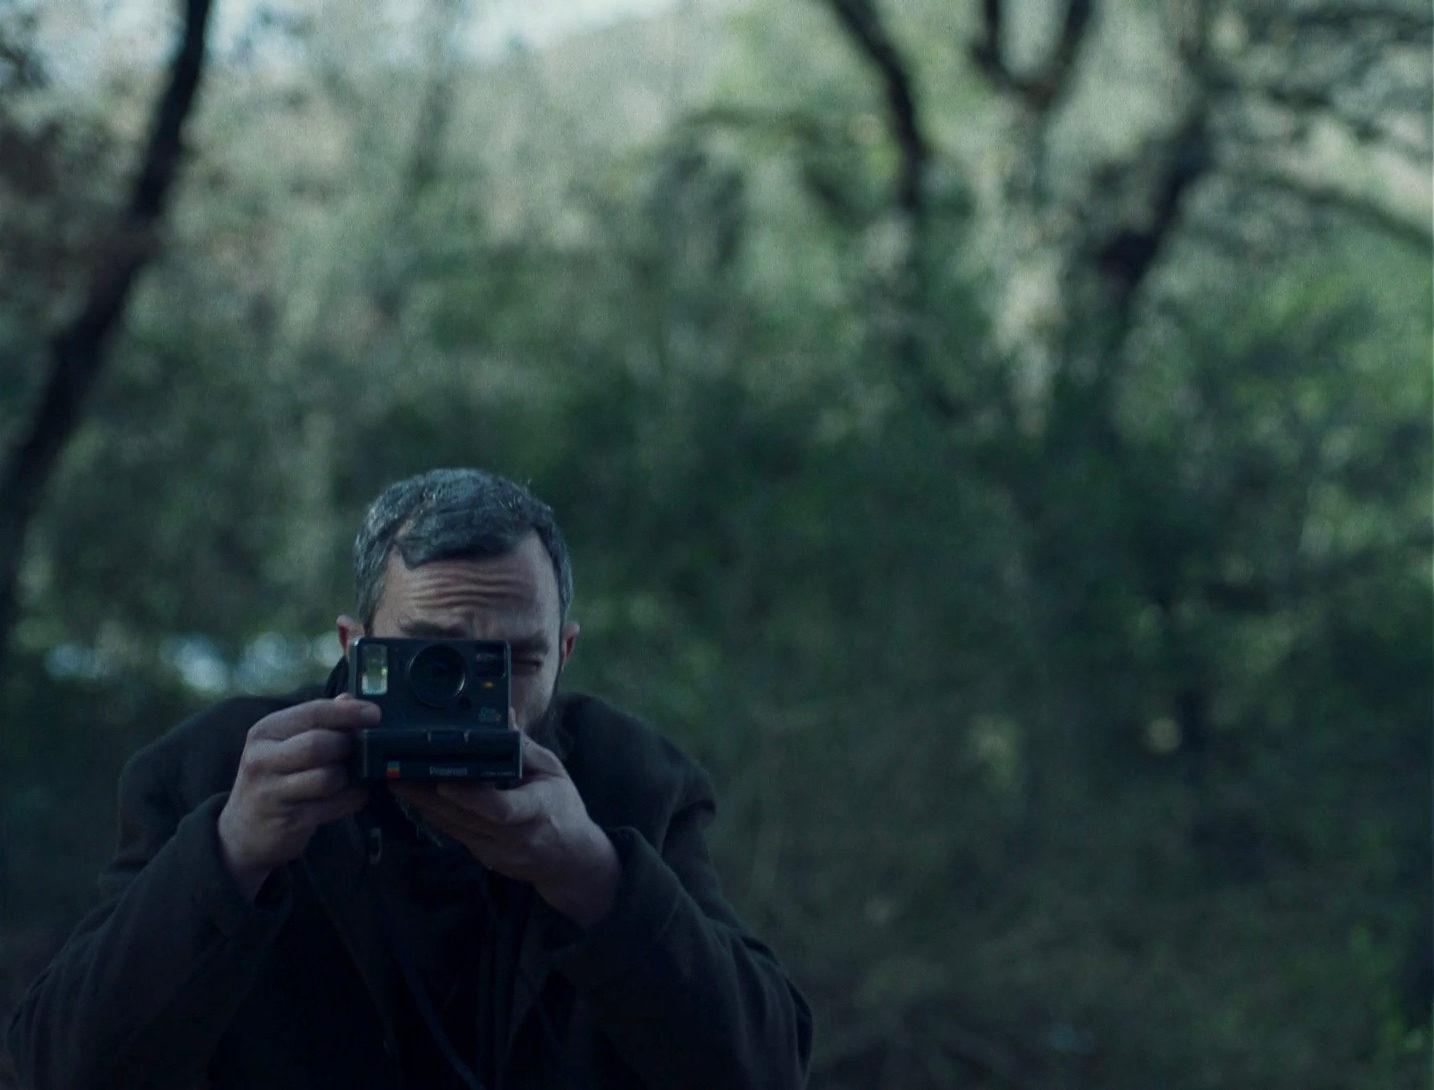 Комната как космос одиночества: «Яблоки» — фильм о пандемии в духе Йоргоса Лантимоса